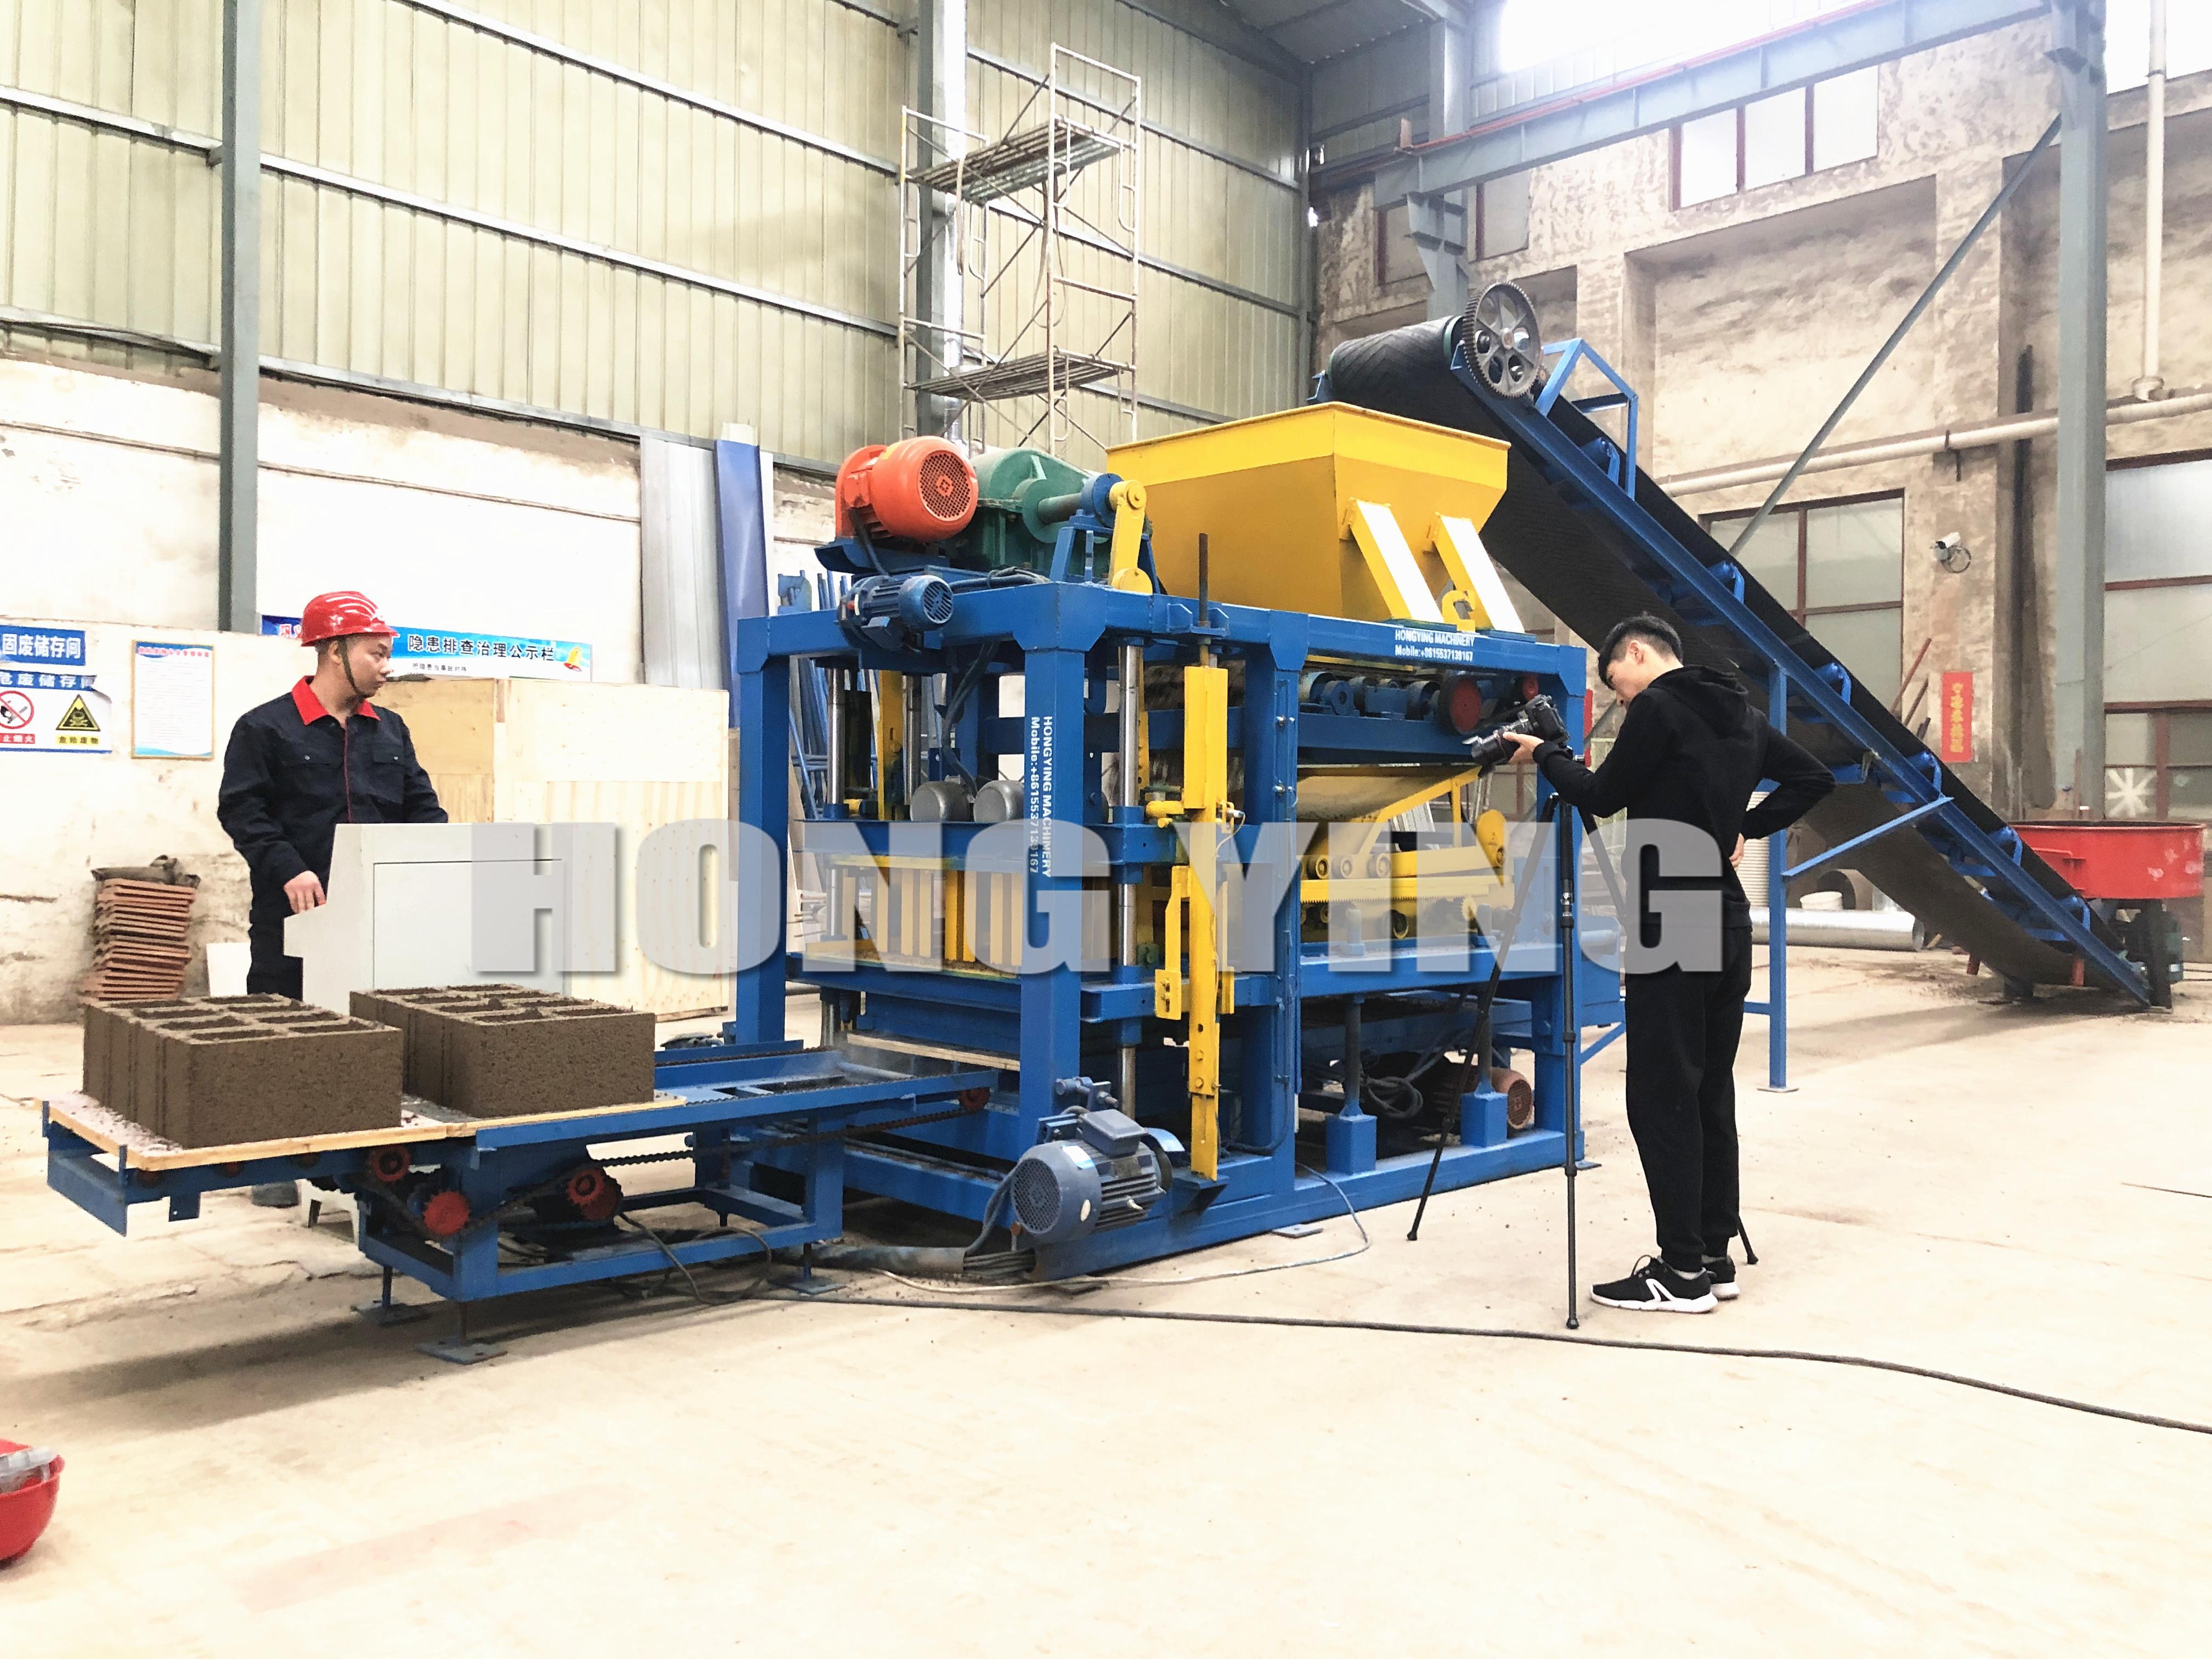 ماكينة تصنيع الطوب الأوتوماتيكية بالكامل عالية الضغط من QT4-20 للبناء